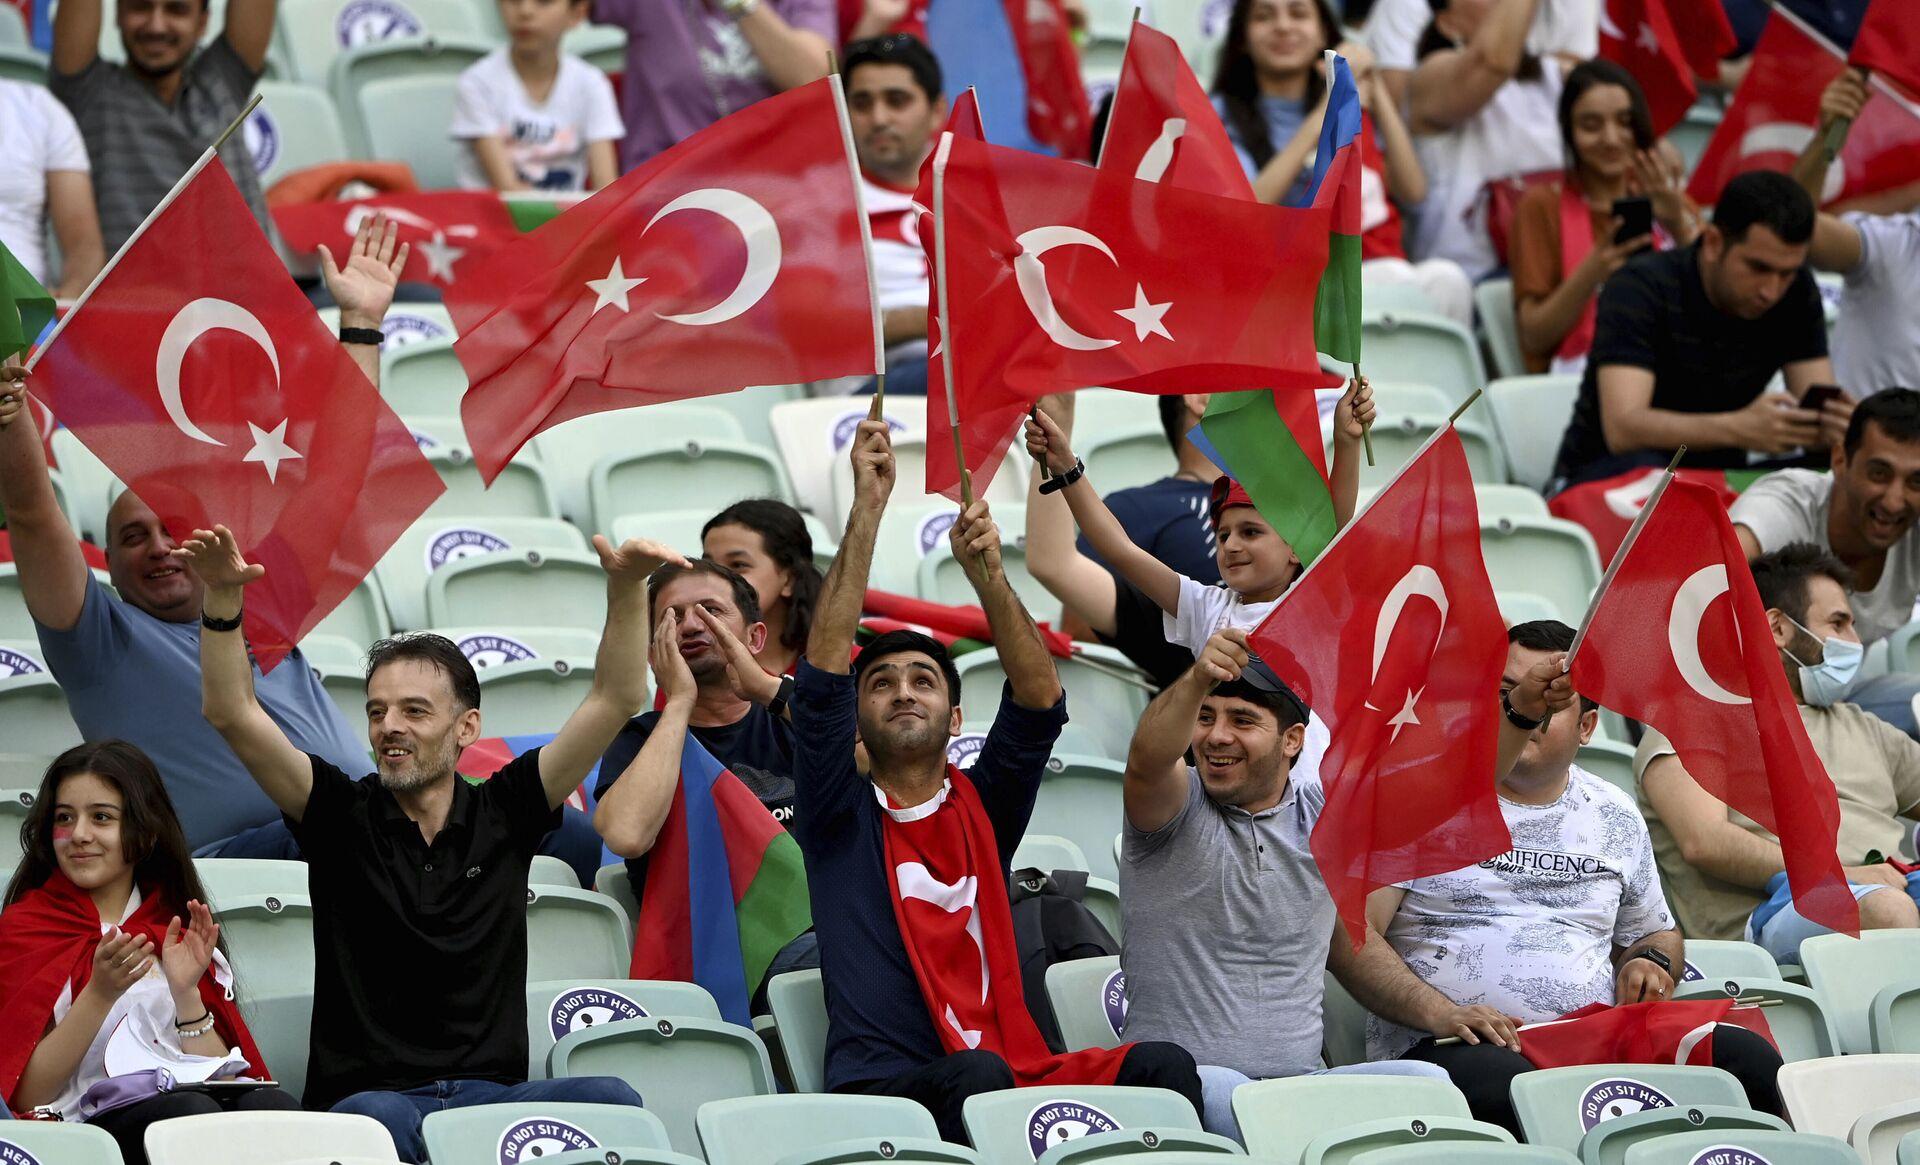 Đội tuyển Thụy Sĩ thắng đội tuyển Thổ Nhĩ Kỳ trong vòng bảng EURO 2020 với tỷ số 3:1 - Sputnik Việt Nam, 1920, 21.06.2021